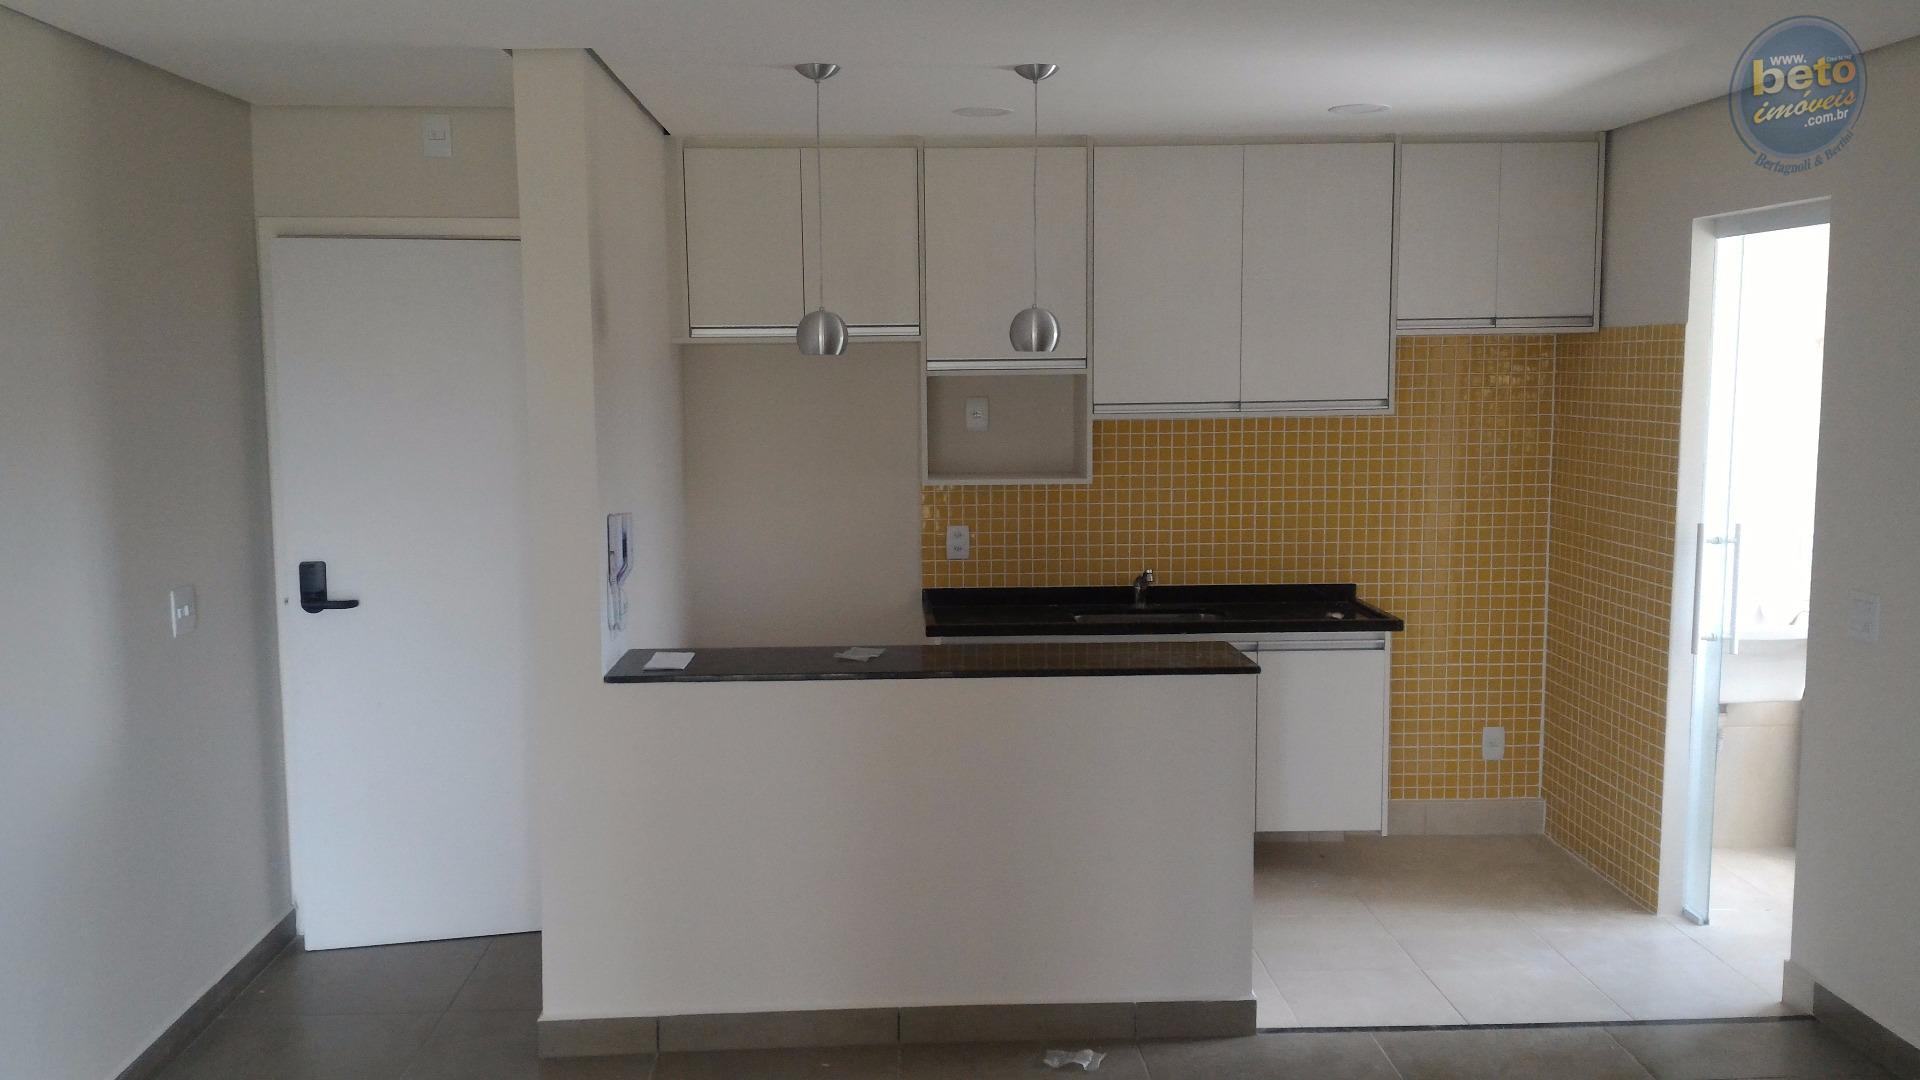 Apartamento com 2 dormitórios à venda, 67 m² por R$ 440.000  Rua Jair Capelato, 160 - Maktub Exclusive - Itu/SP